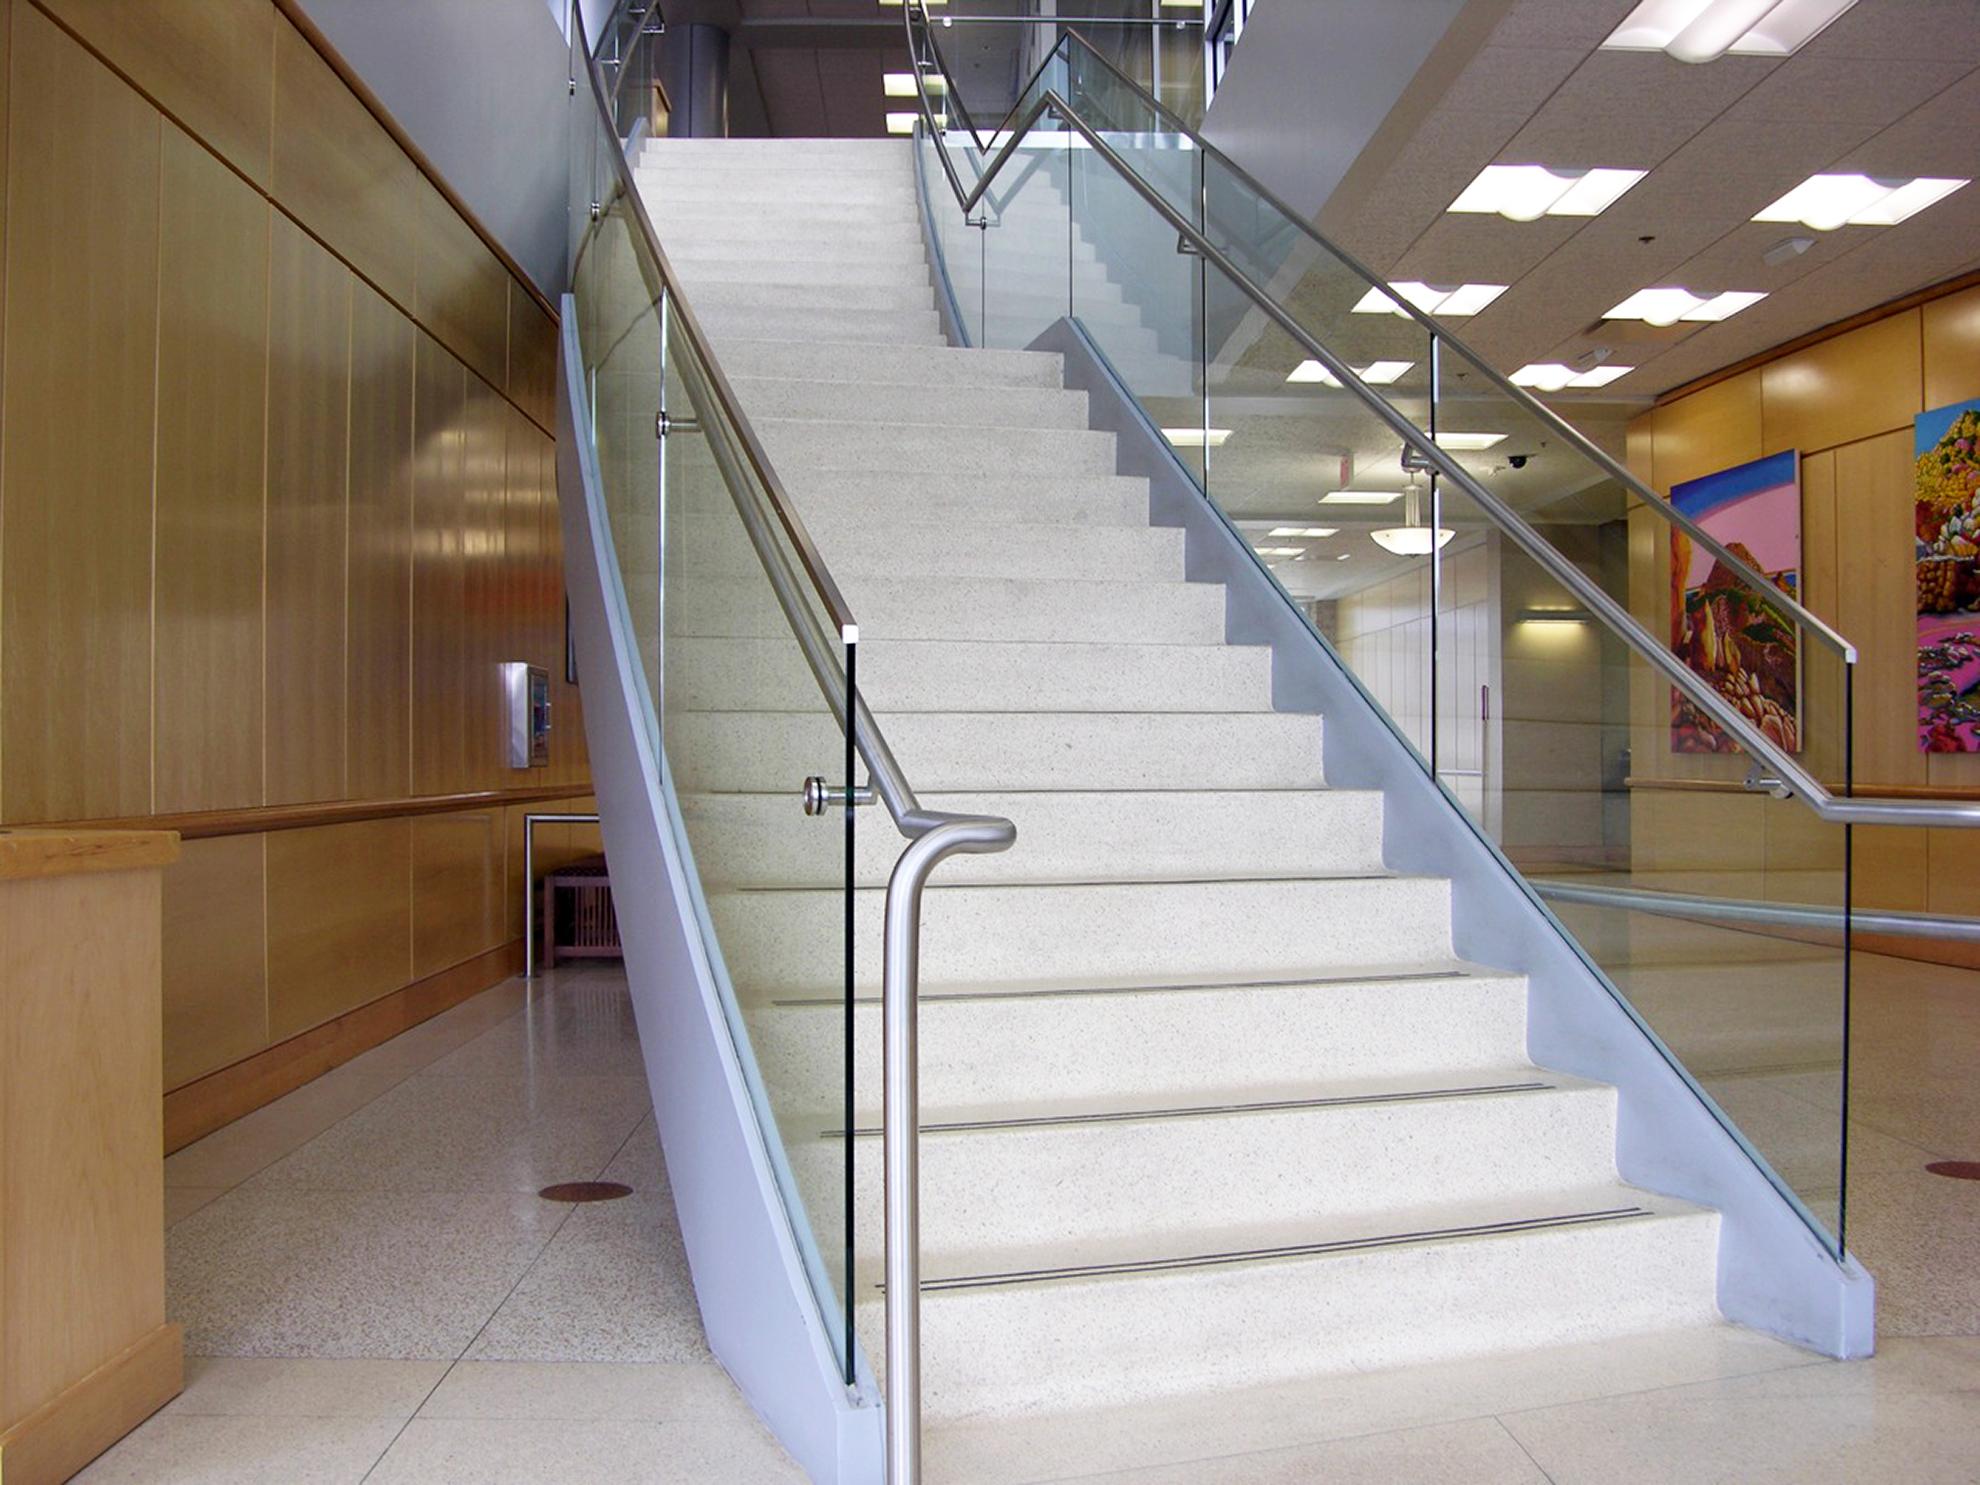 tlc_stairs.jpg